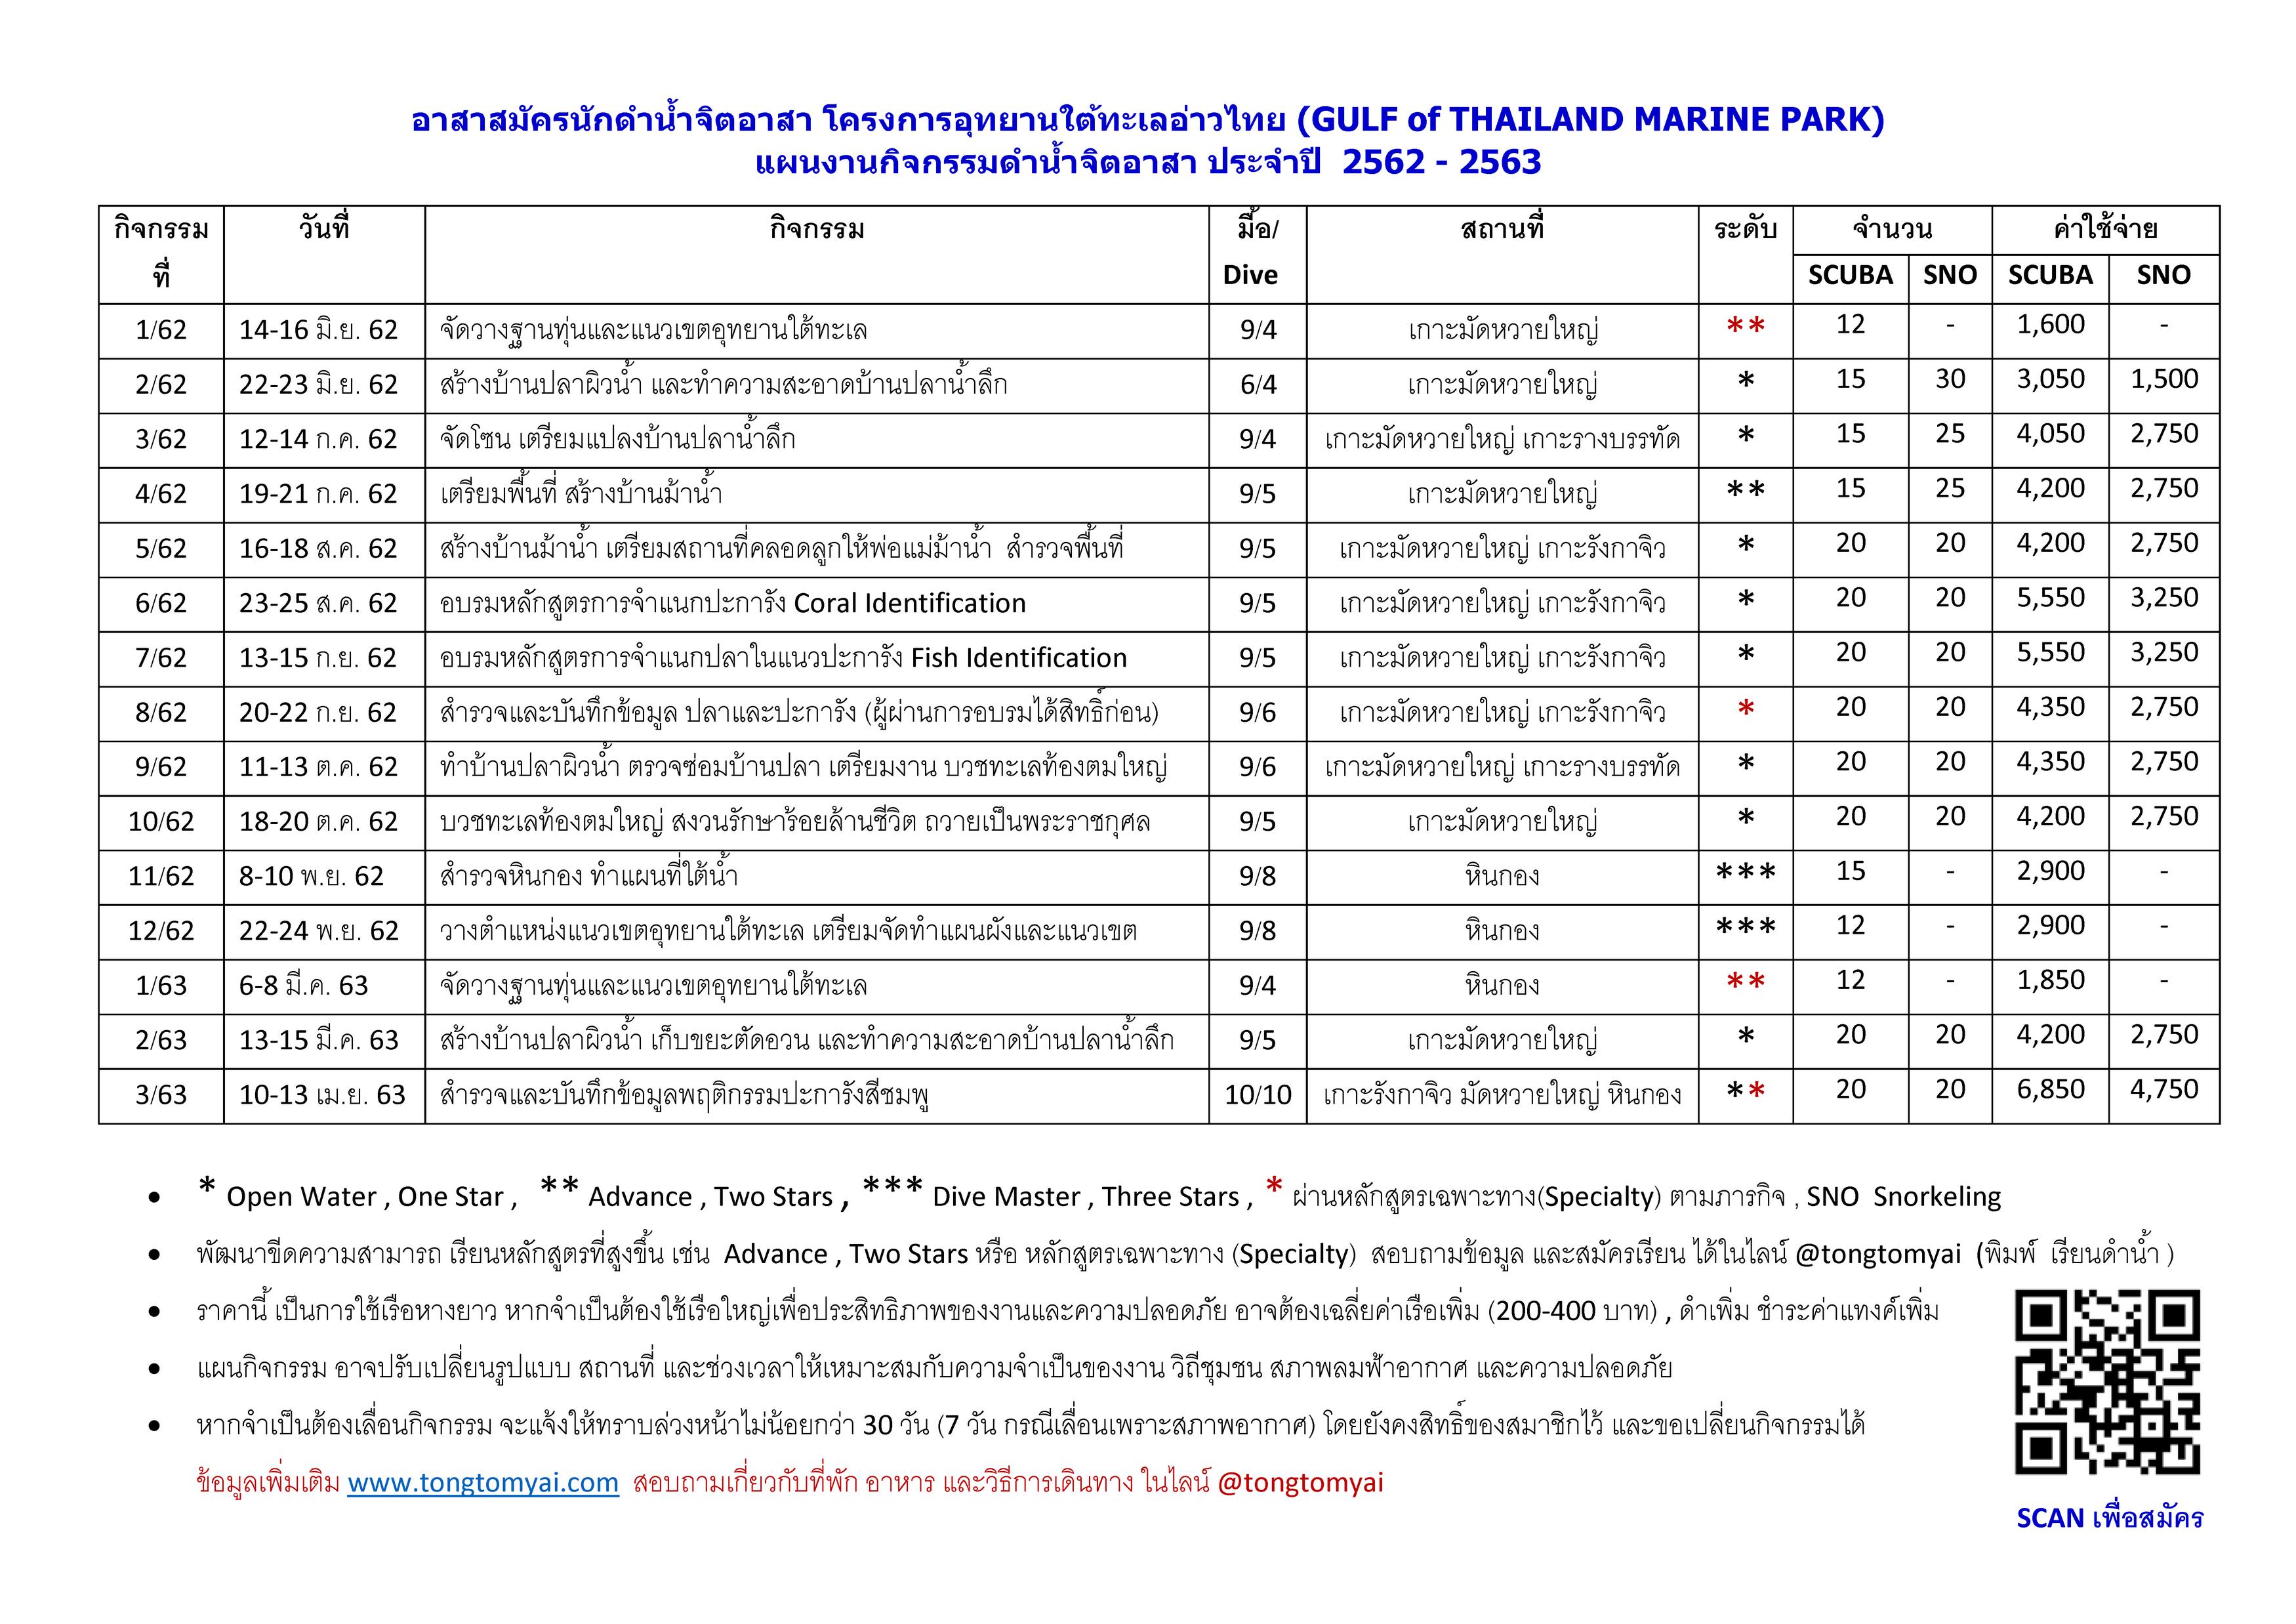 แผนงานกิจกรรมดำน้ำจิตอาสา ประจำปี 2562 - 2563 ลดขนาด